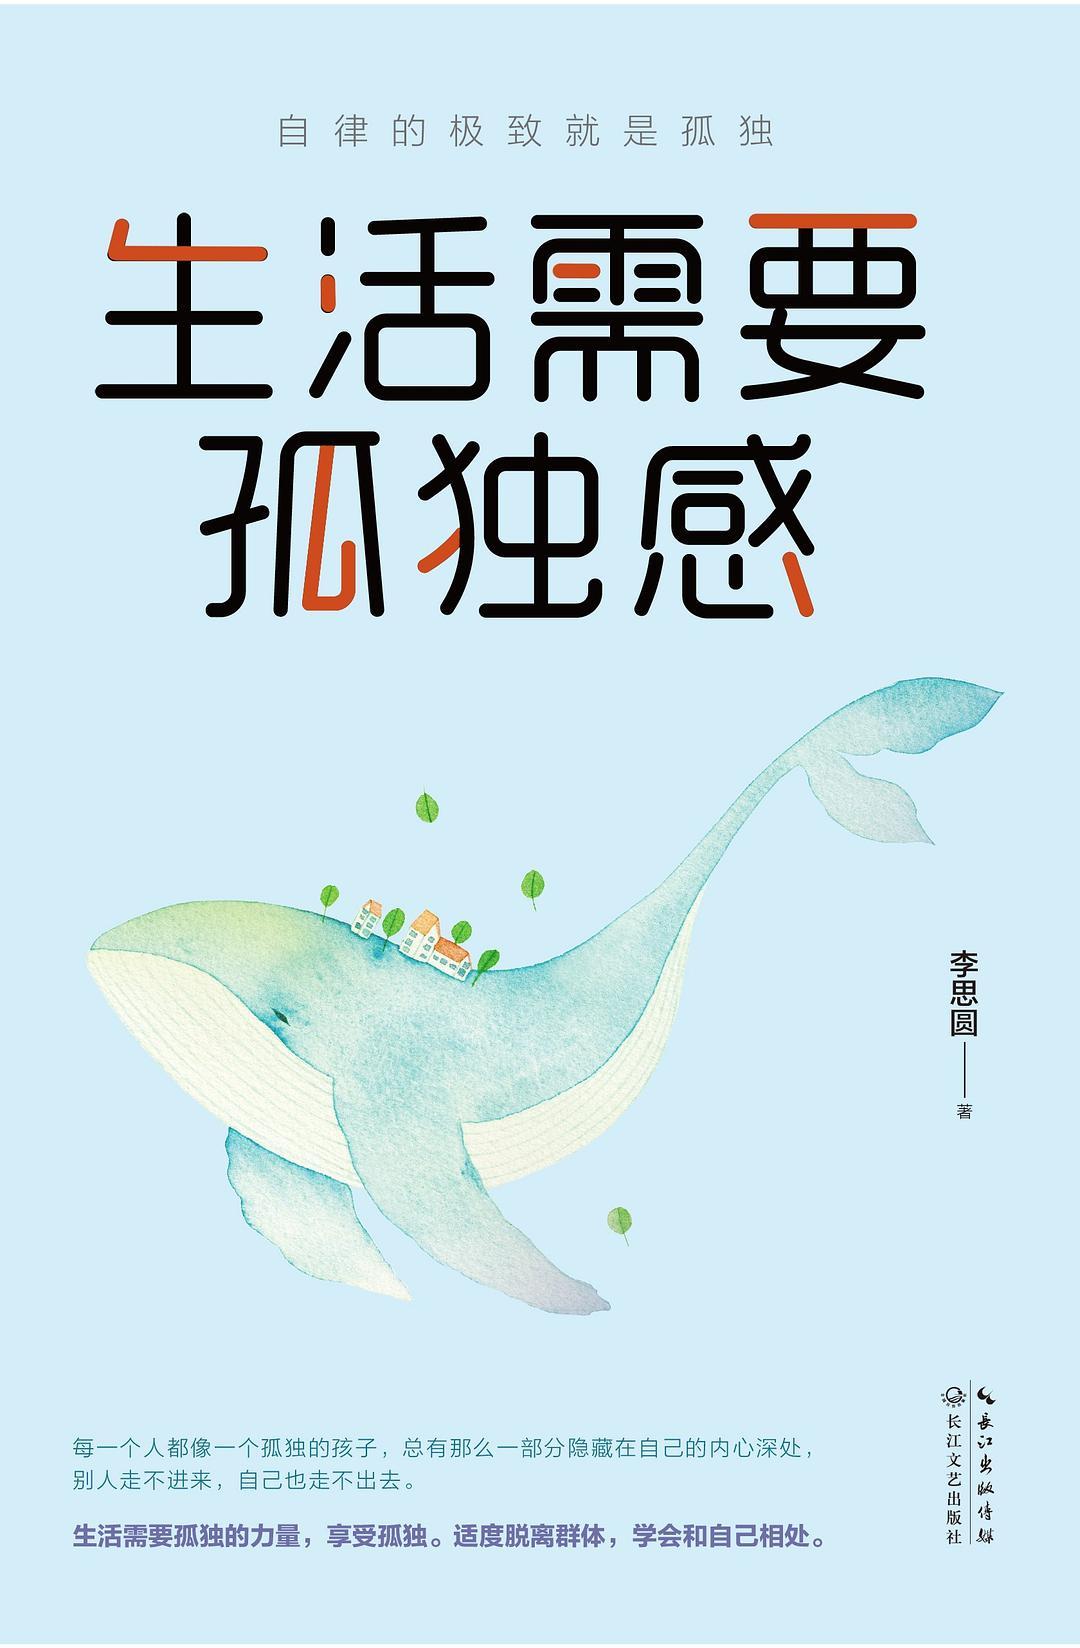 李思圆《生活需要孤独感》pdf电子书下载